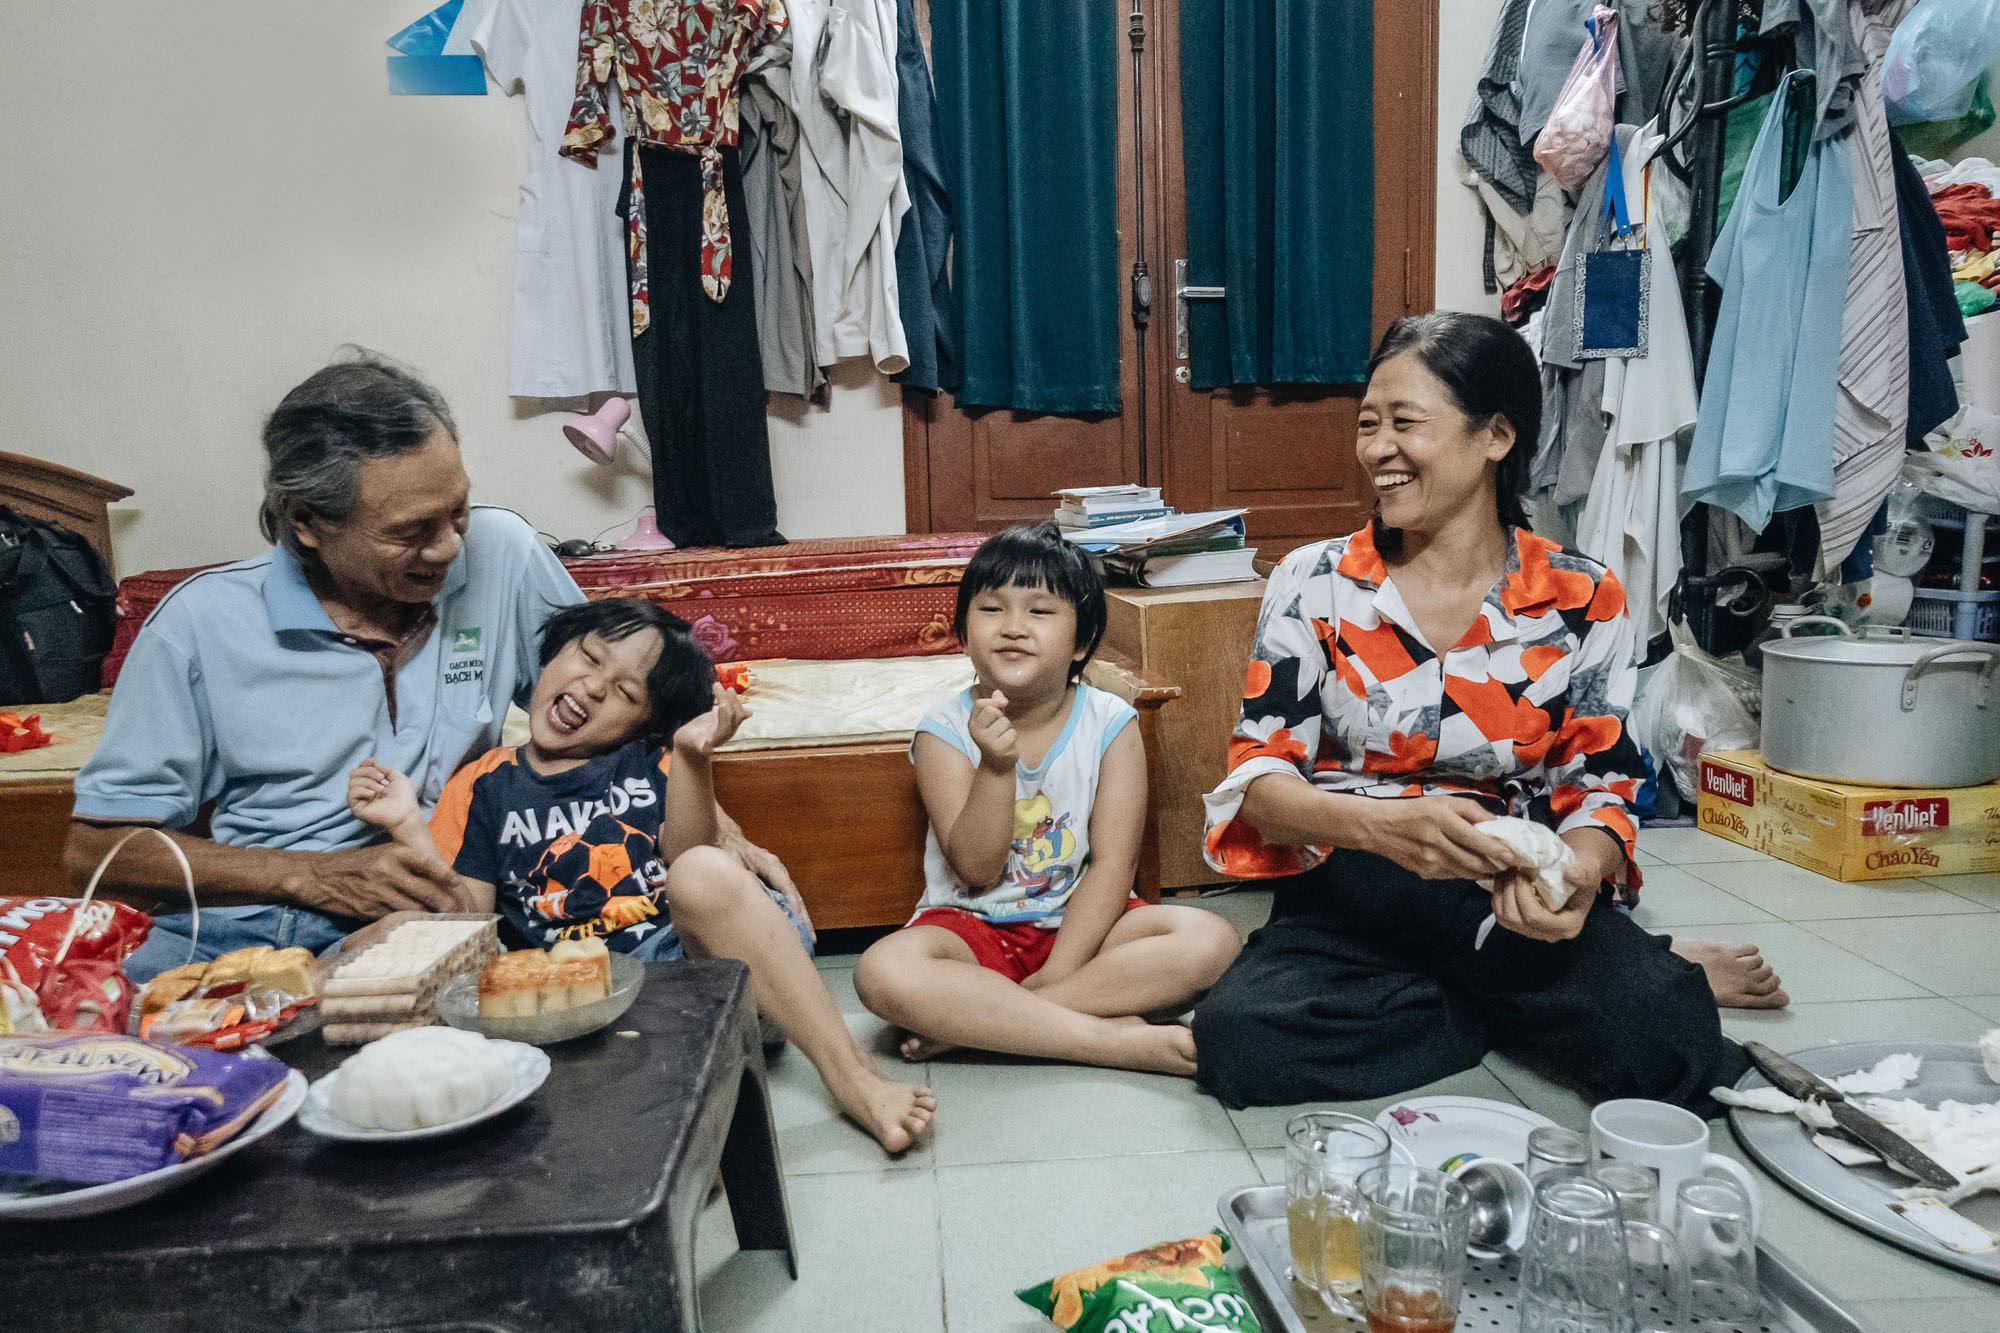 女子53岁时生下双胞胎,如今为养孩子她和近7旬丈夫要不停赚钱